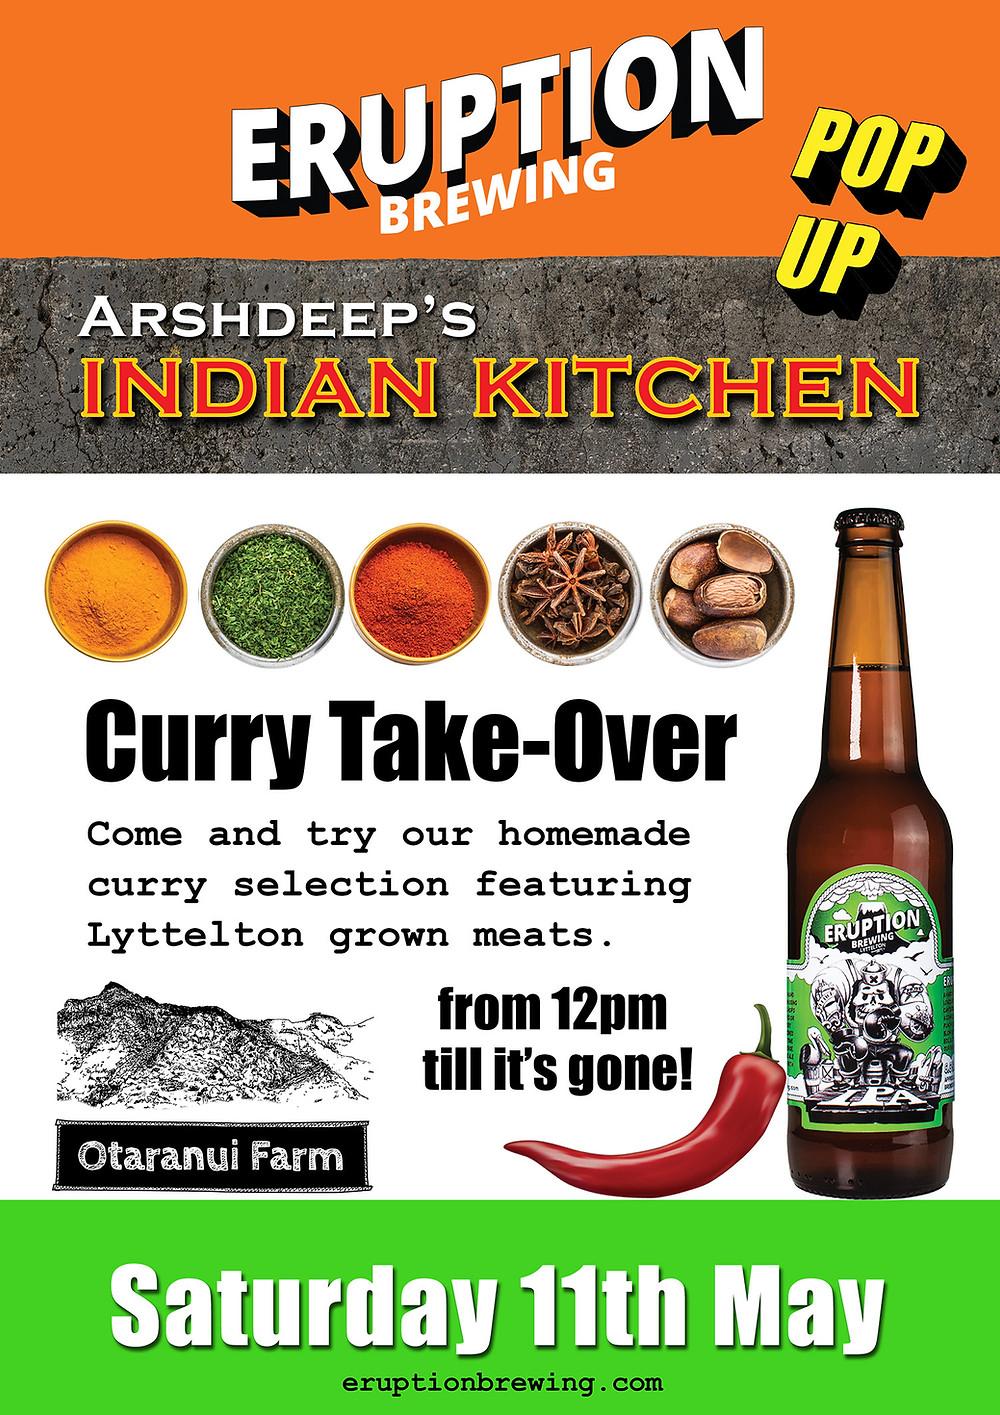 Eruption Indian Kitchen Pop-Up